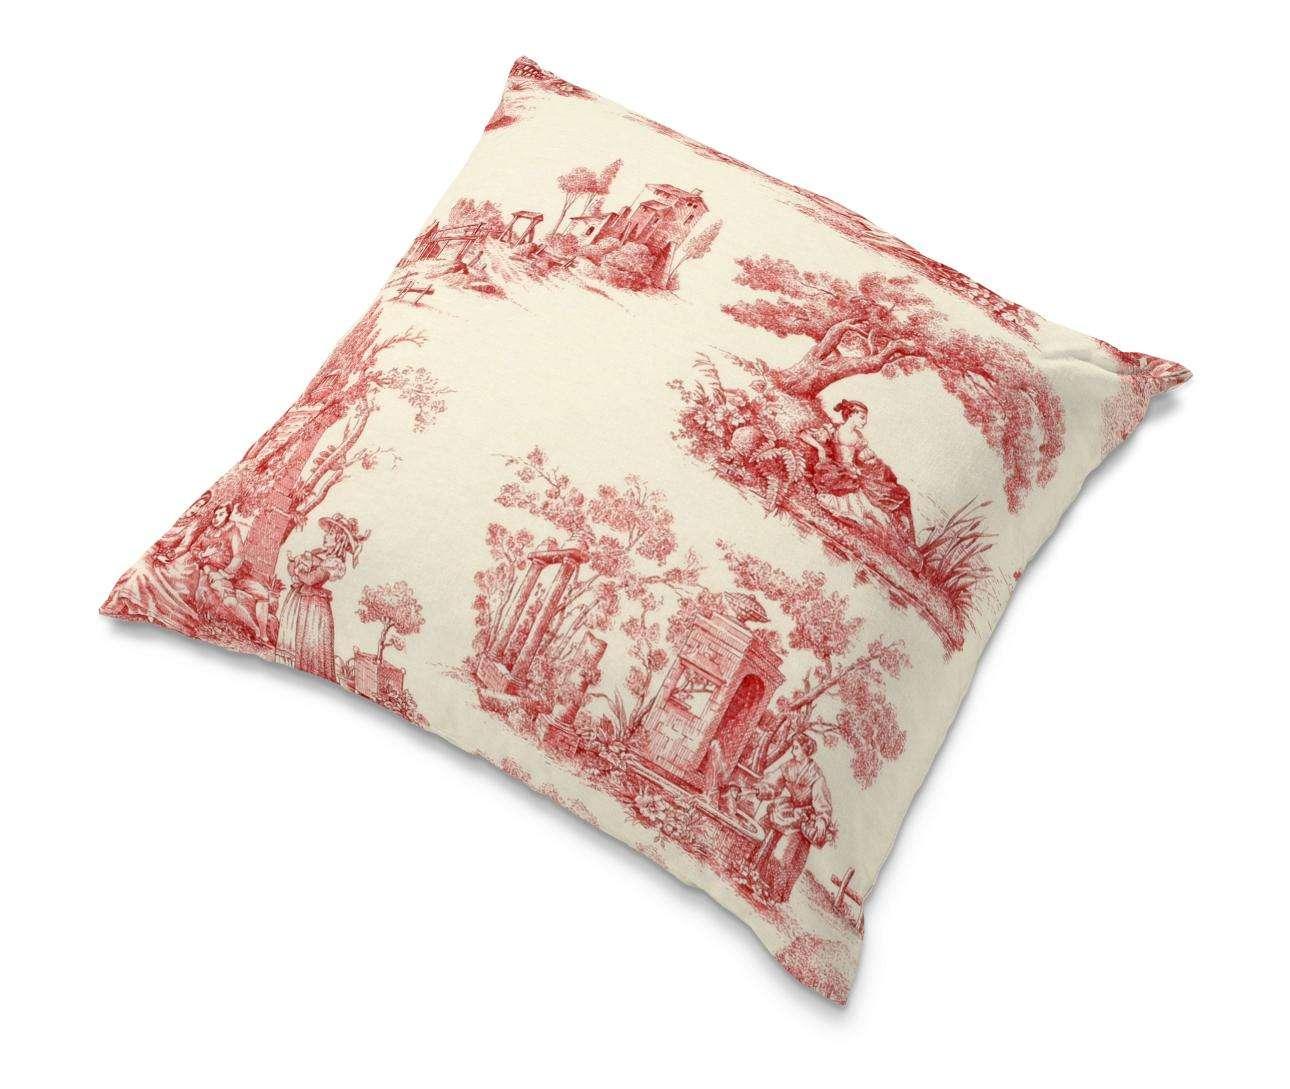 Tomelilla cushion cover in collection Avinon, fabric: 132-15